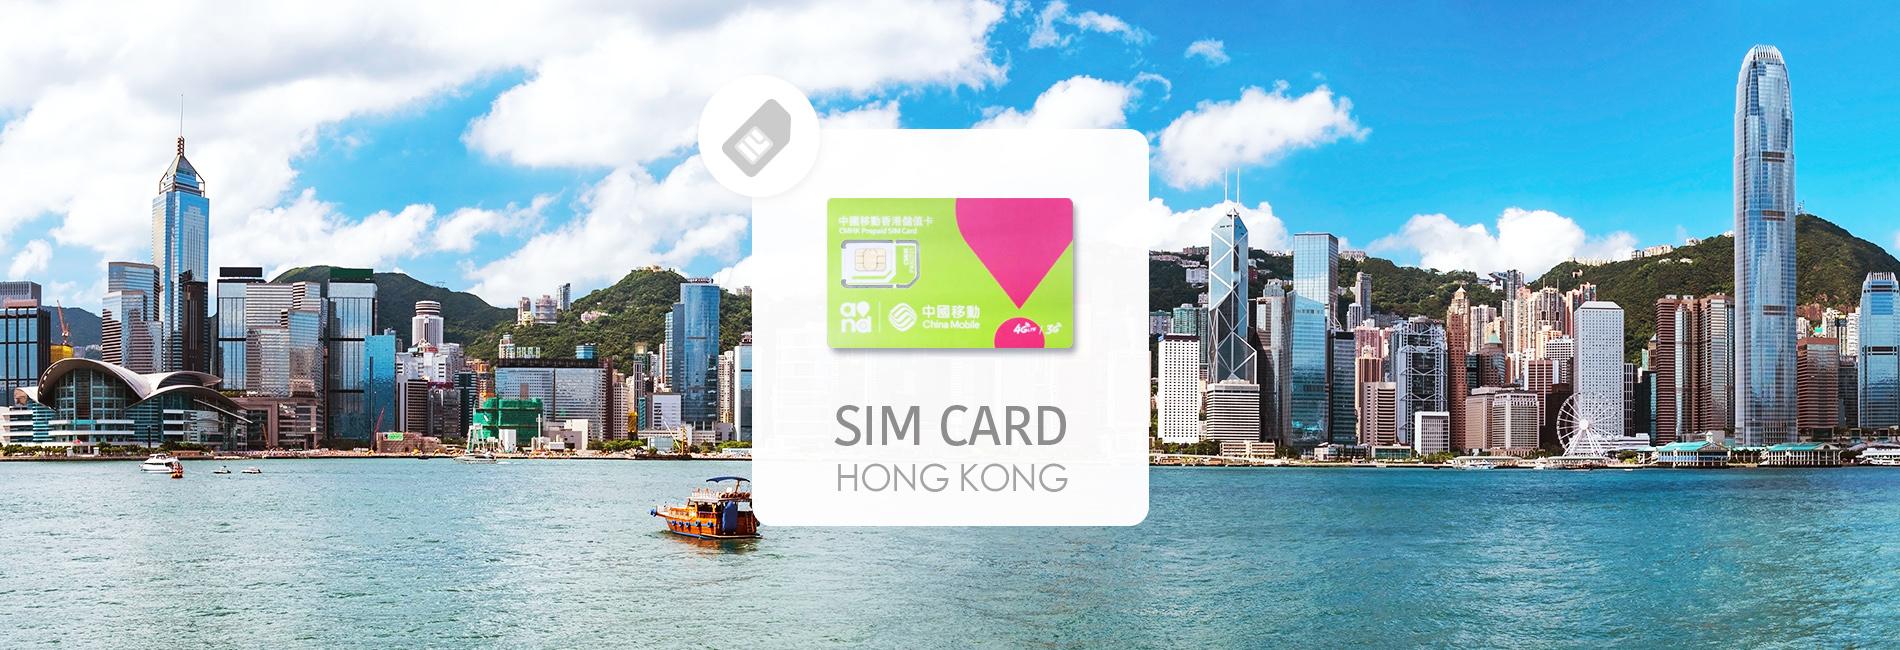 Singapore Sim Card For Traveler